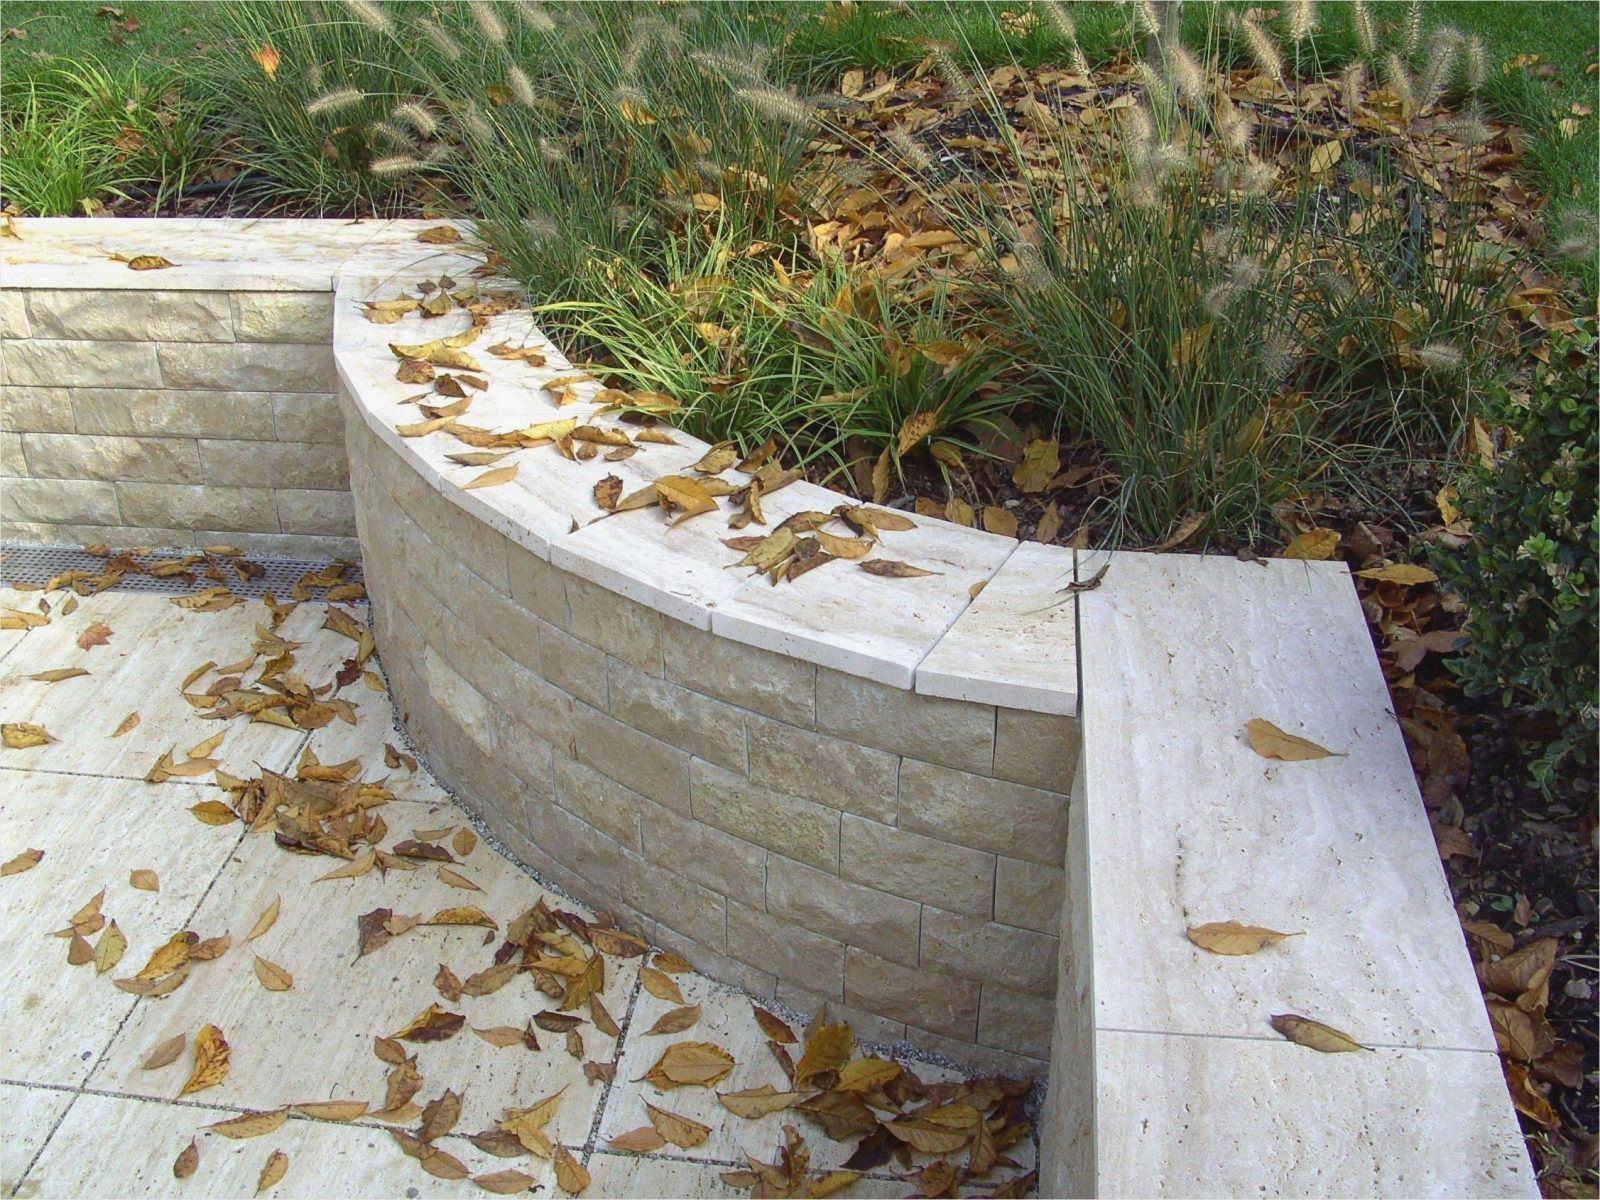 38 Bewundernswert Steinmauern Im Garten Designideen Von Steinmauern von Steinmauern Im Garten Selber Bauen Photo